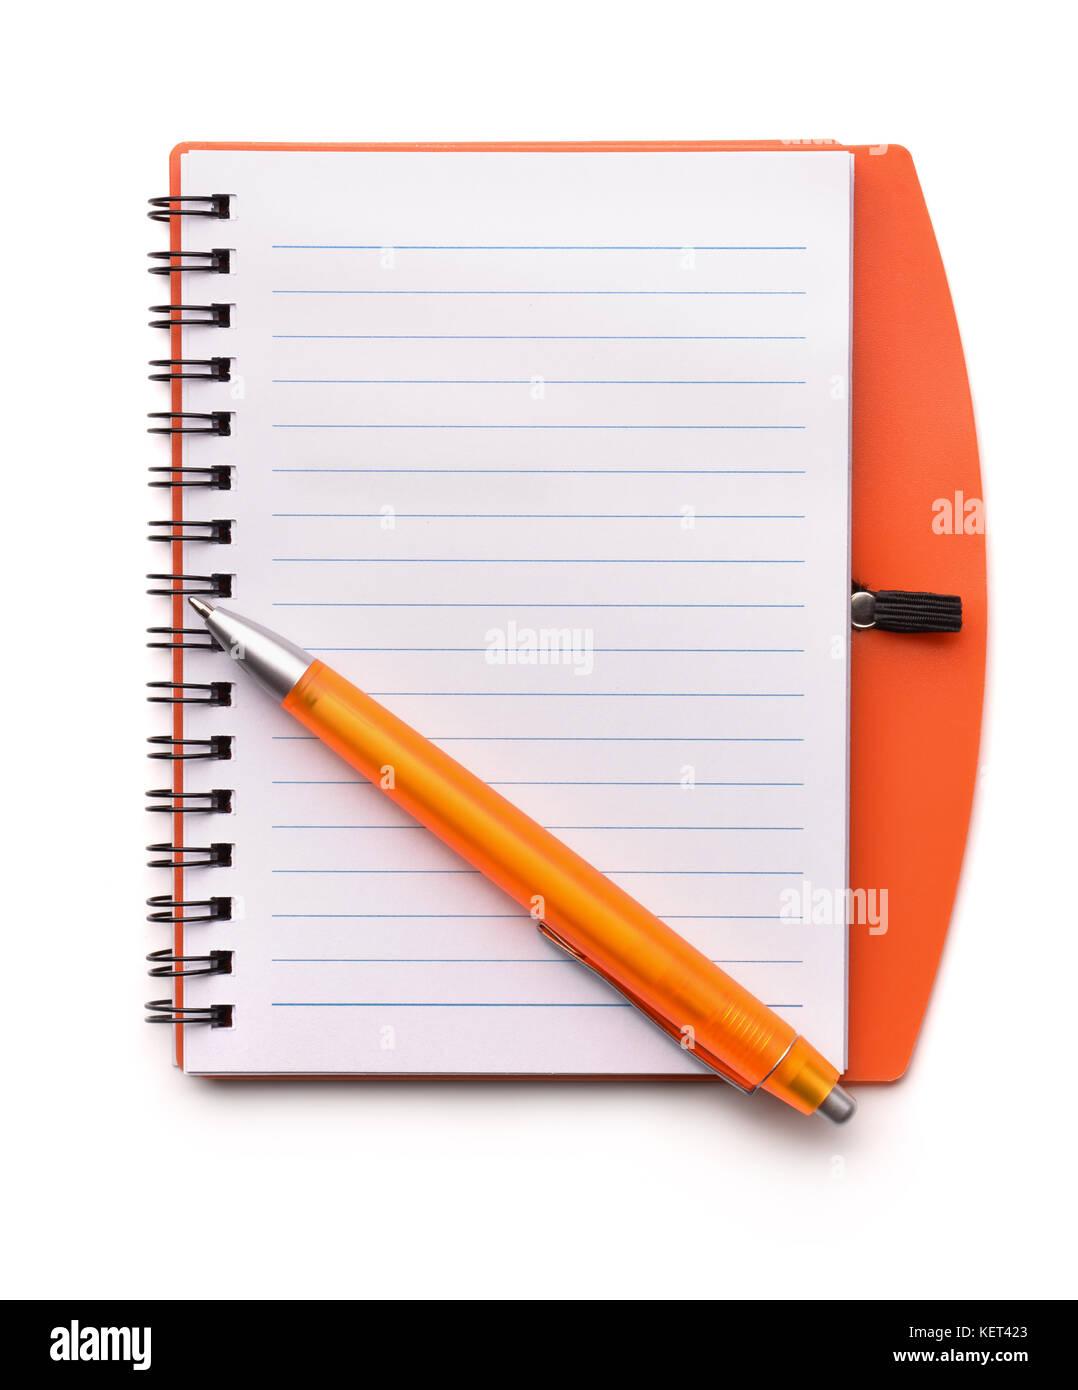 Vue de dessus de carnet et un stylo vide ouvert isolated on white Photo Stock